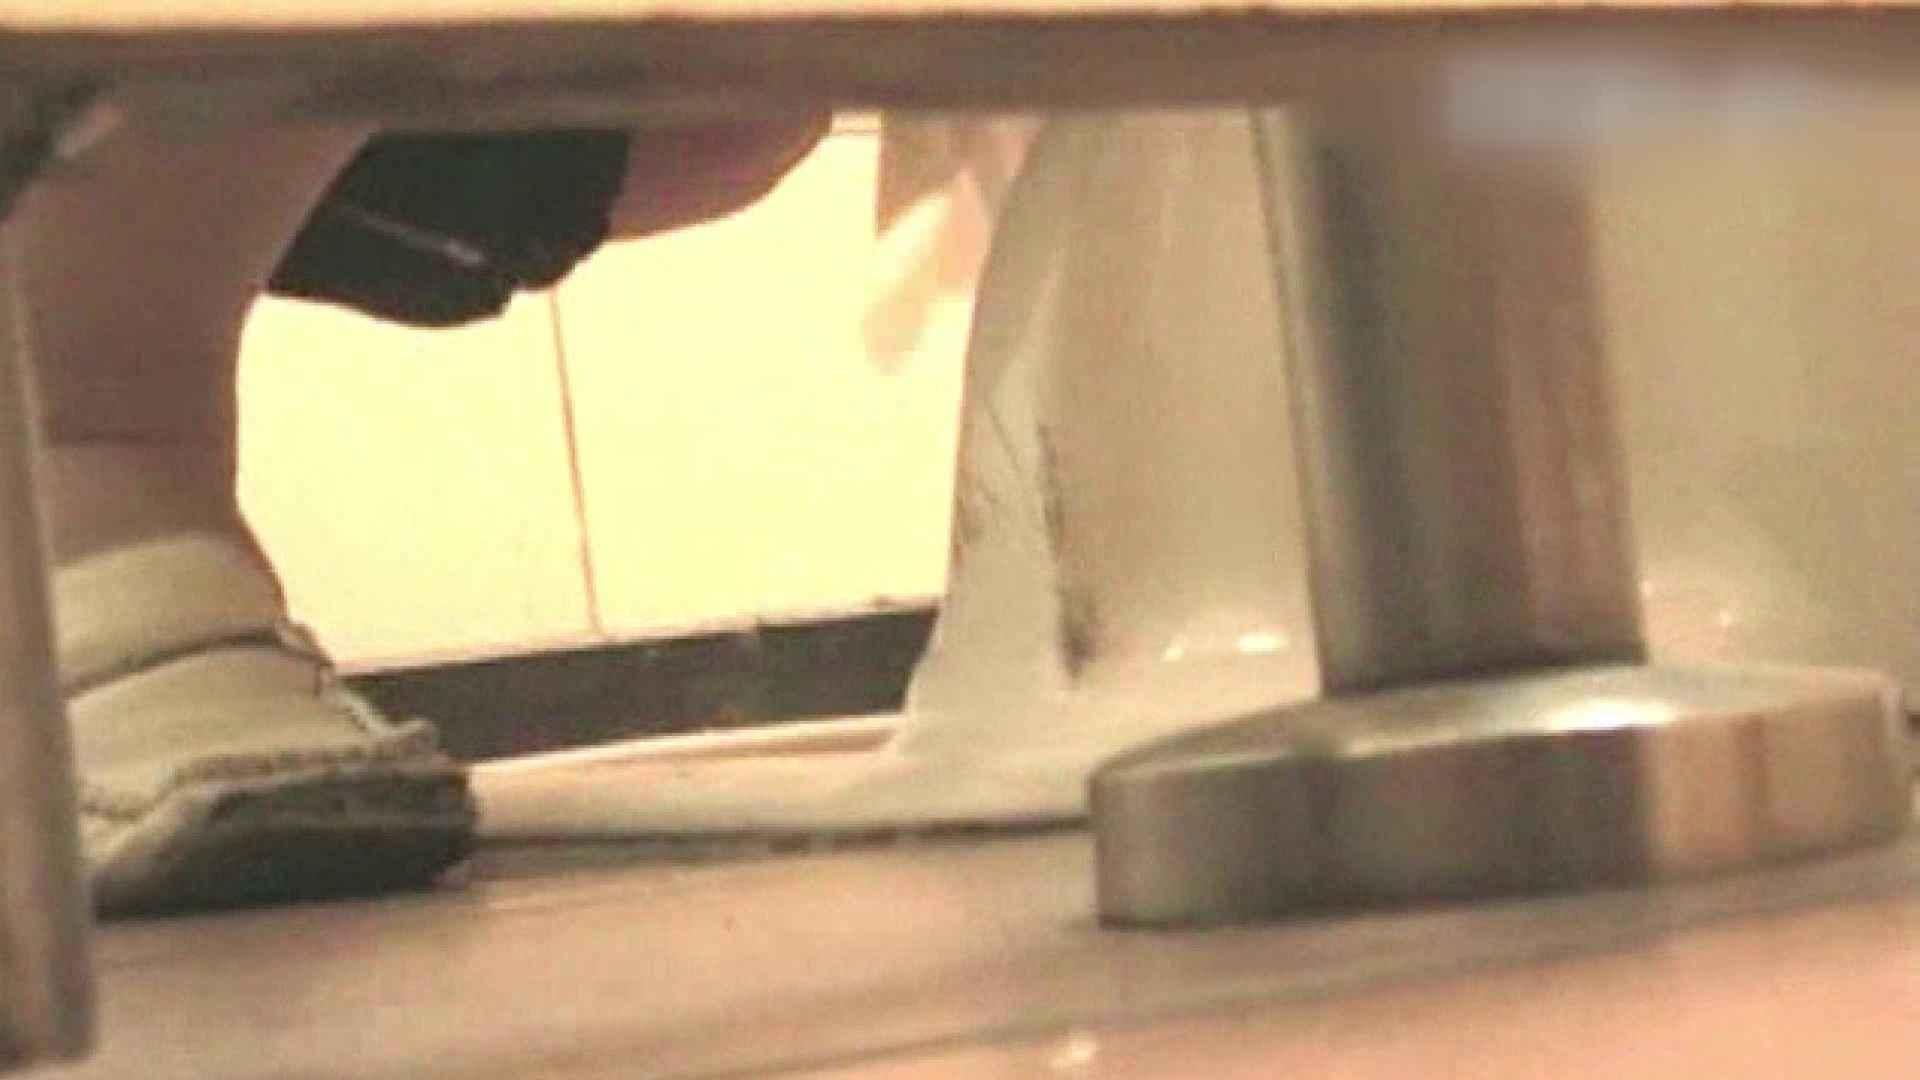 ロックハンドさんの盗撮記録File.24 厠隠し撮り オマンコ無修正動画無料 92pic 13